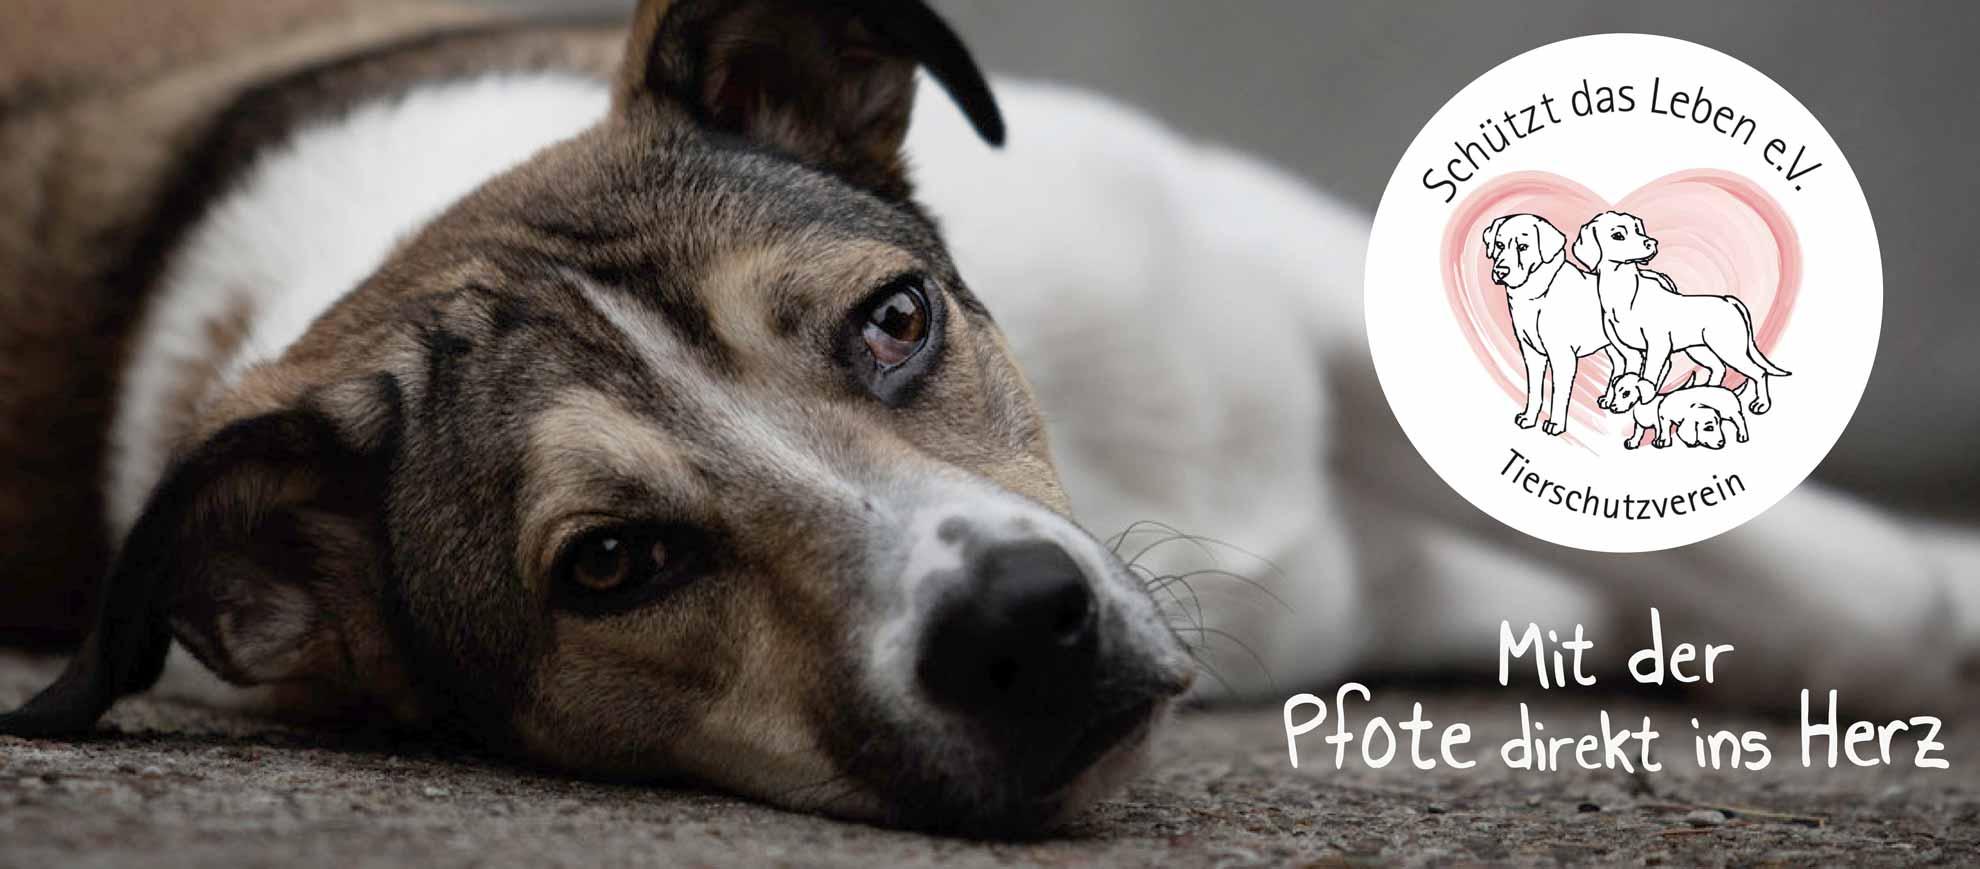 Hund liegt seitlich auf dem Boden, dazu der Spruch Mit der Pfote direkt ins Herz, Logo vom Tierschutzverein Schützt das Leben e.V.